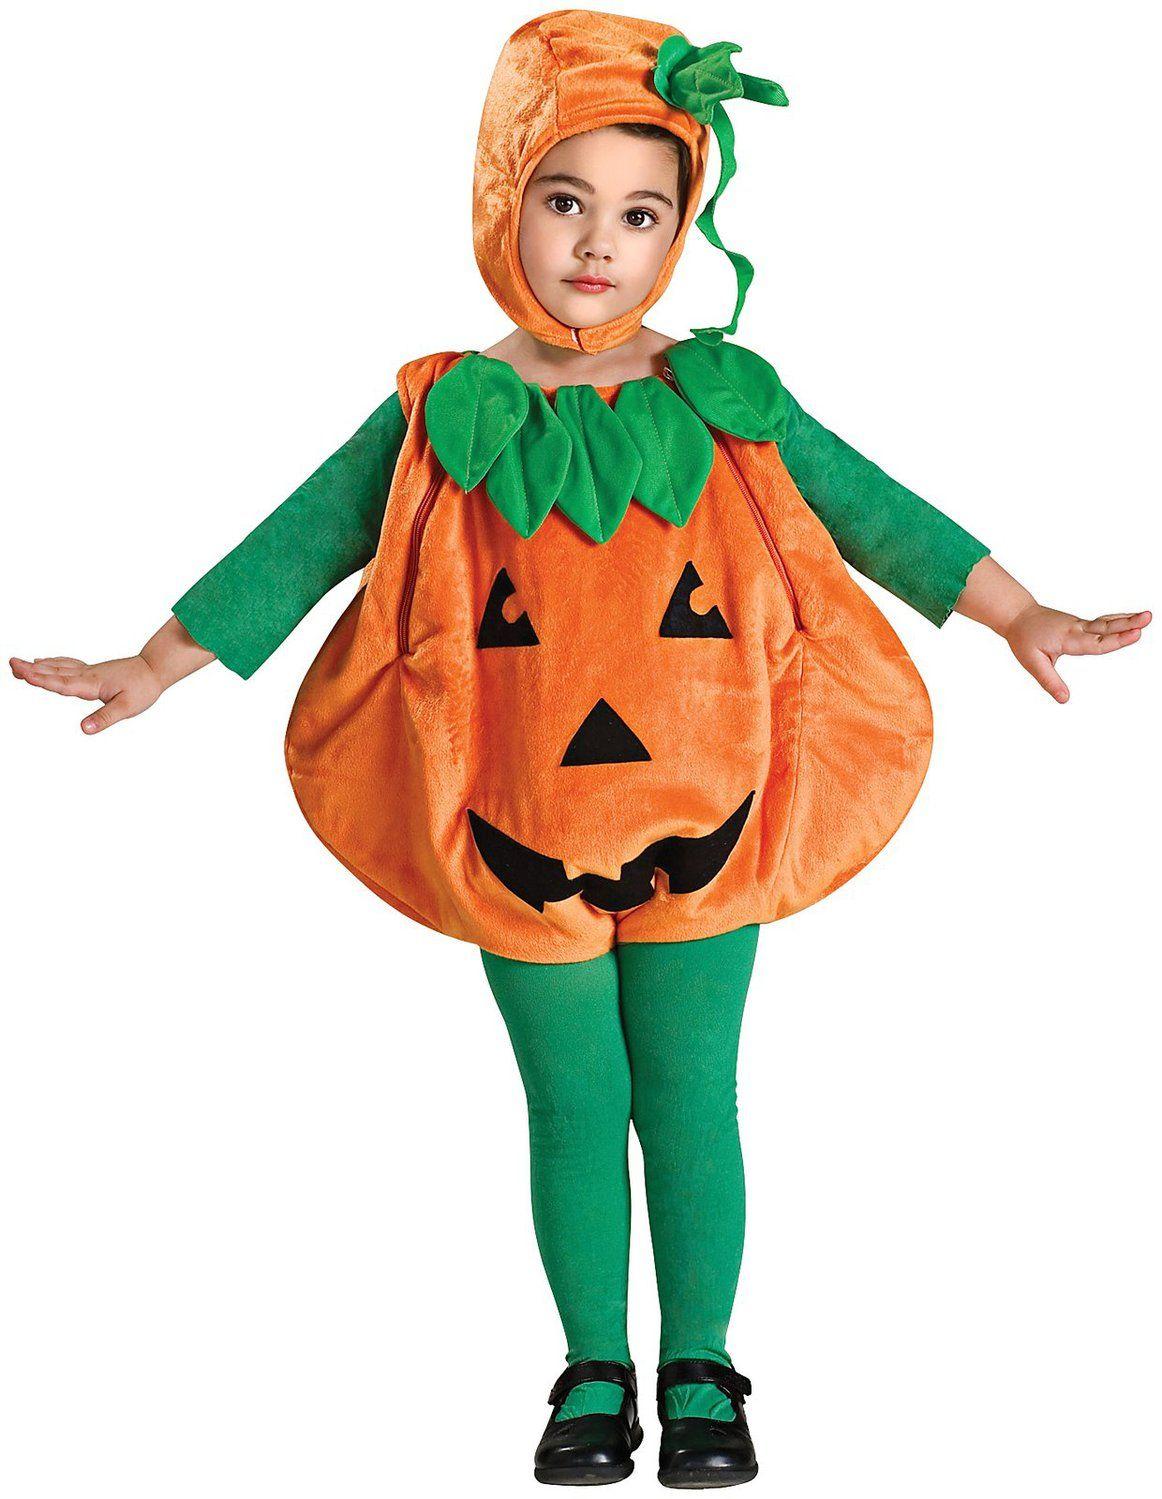 Pumpkin costume  sc 1 st  Pinterest & pumpkin costume | Kids | Pinterest | Pumpkin costume